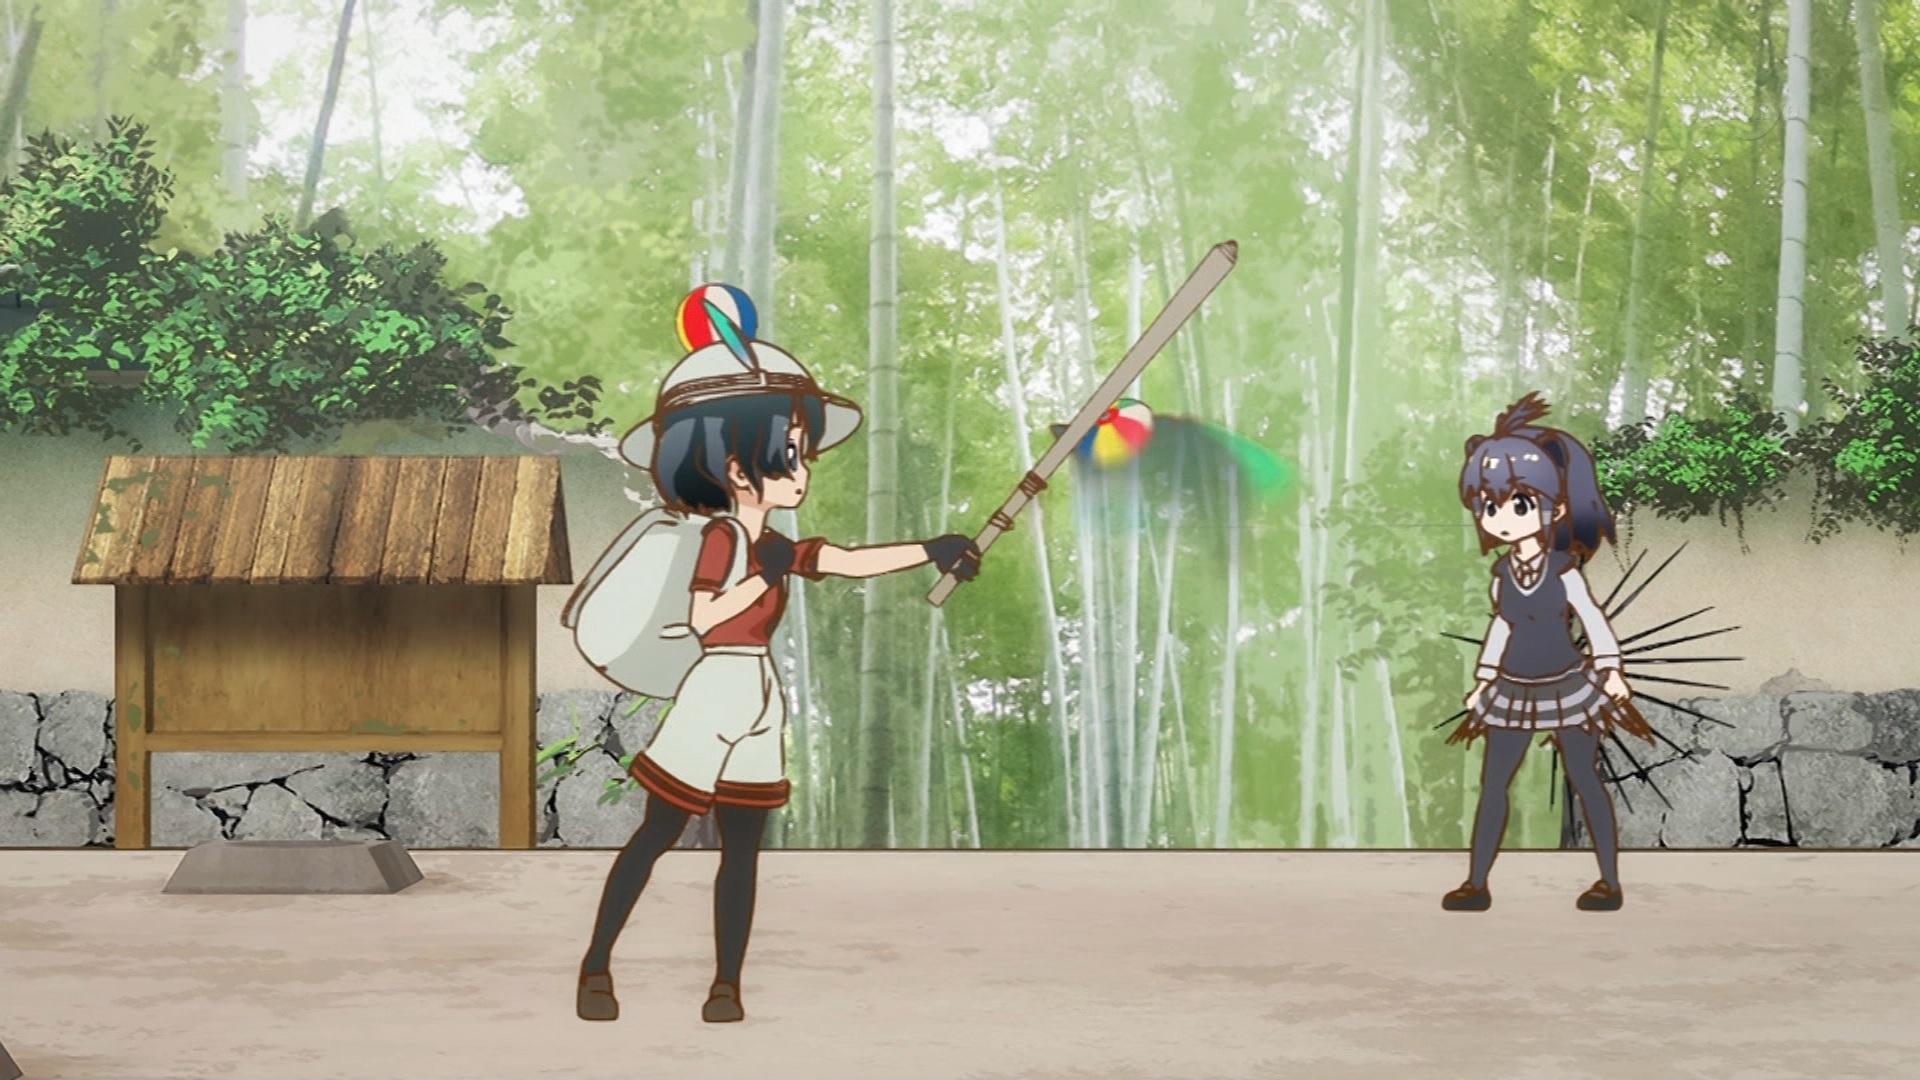 かばんちゃんとパンサーカメレオンの戦い(第6話画像)